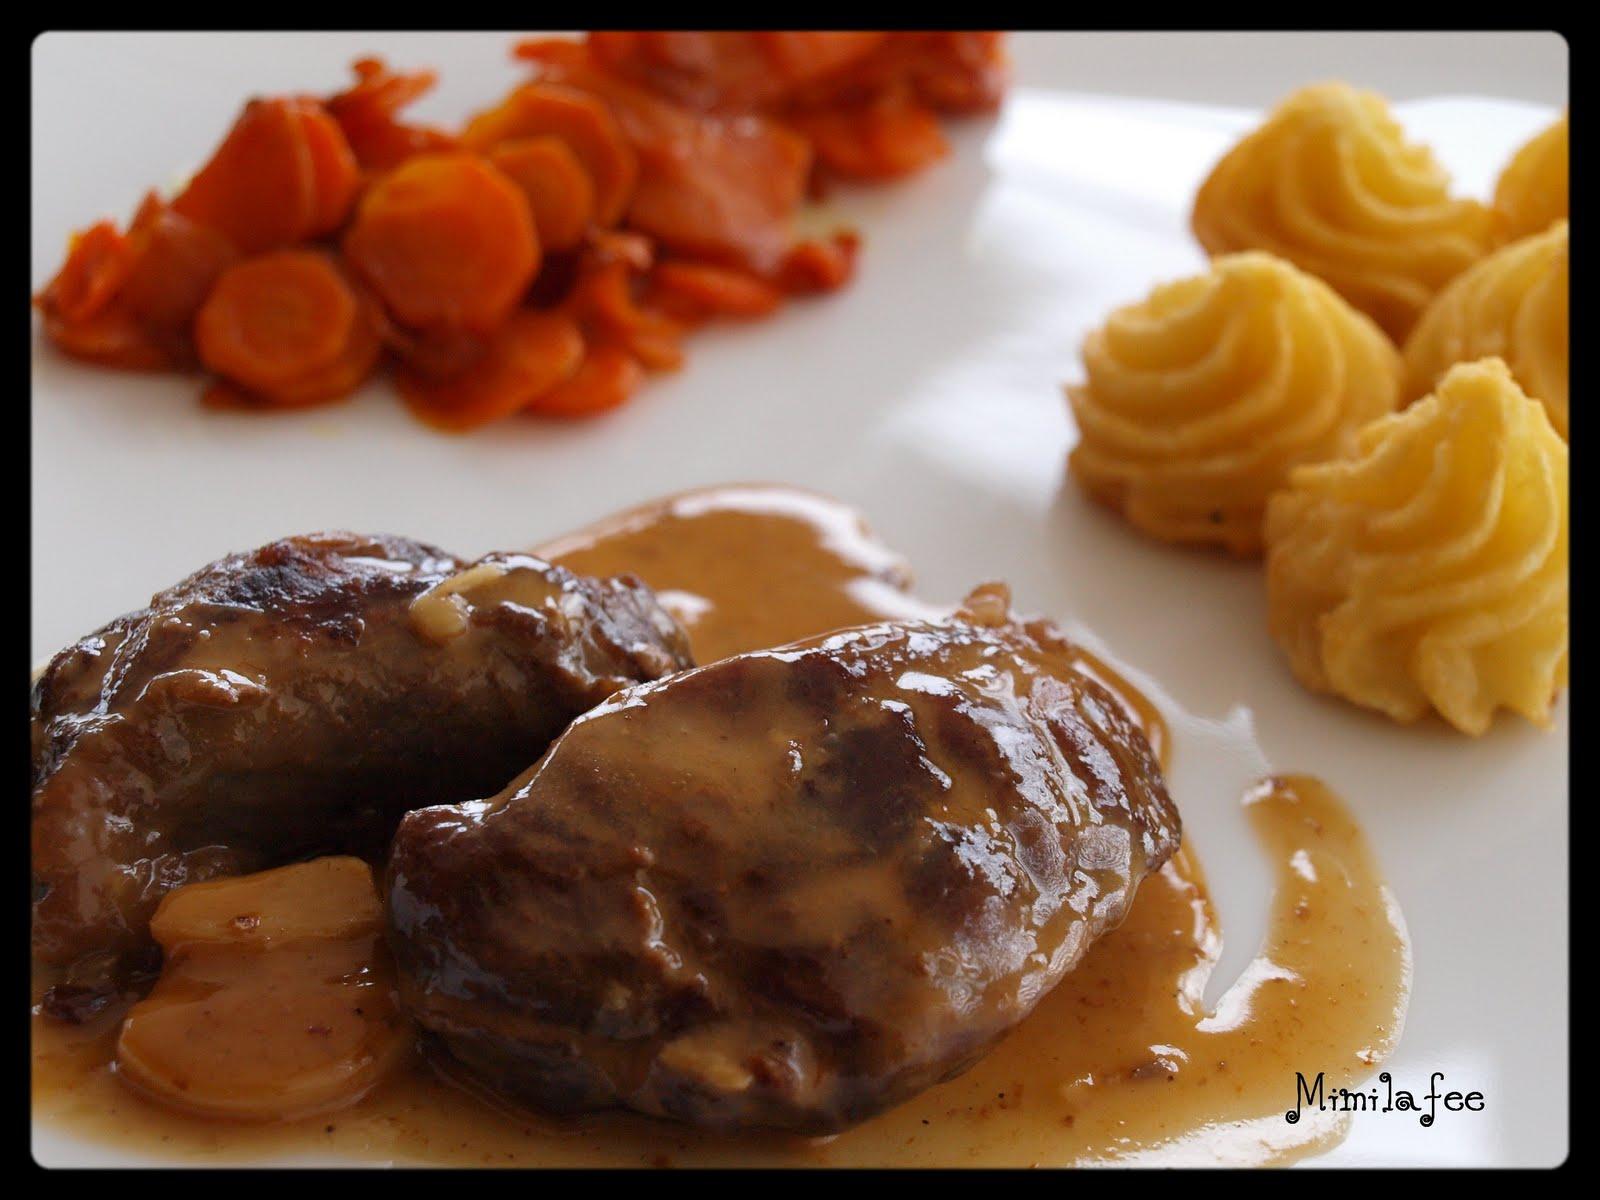 Mimilaf e avec amour joue de porc au cidre cr me d ail et pommes fondantes - Joue de porc cocotte minute ...